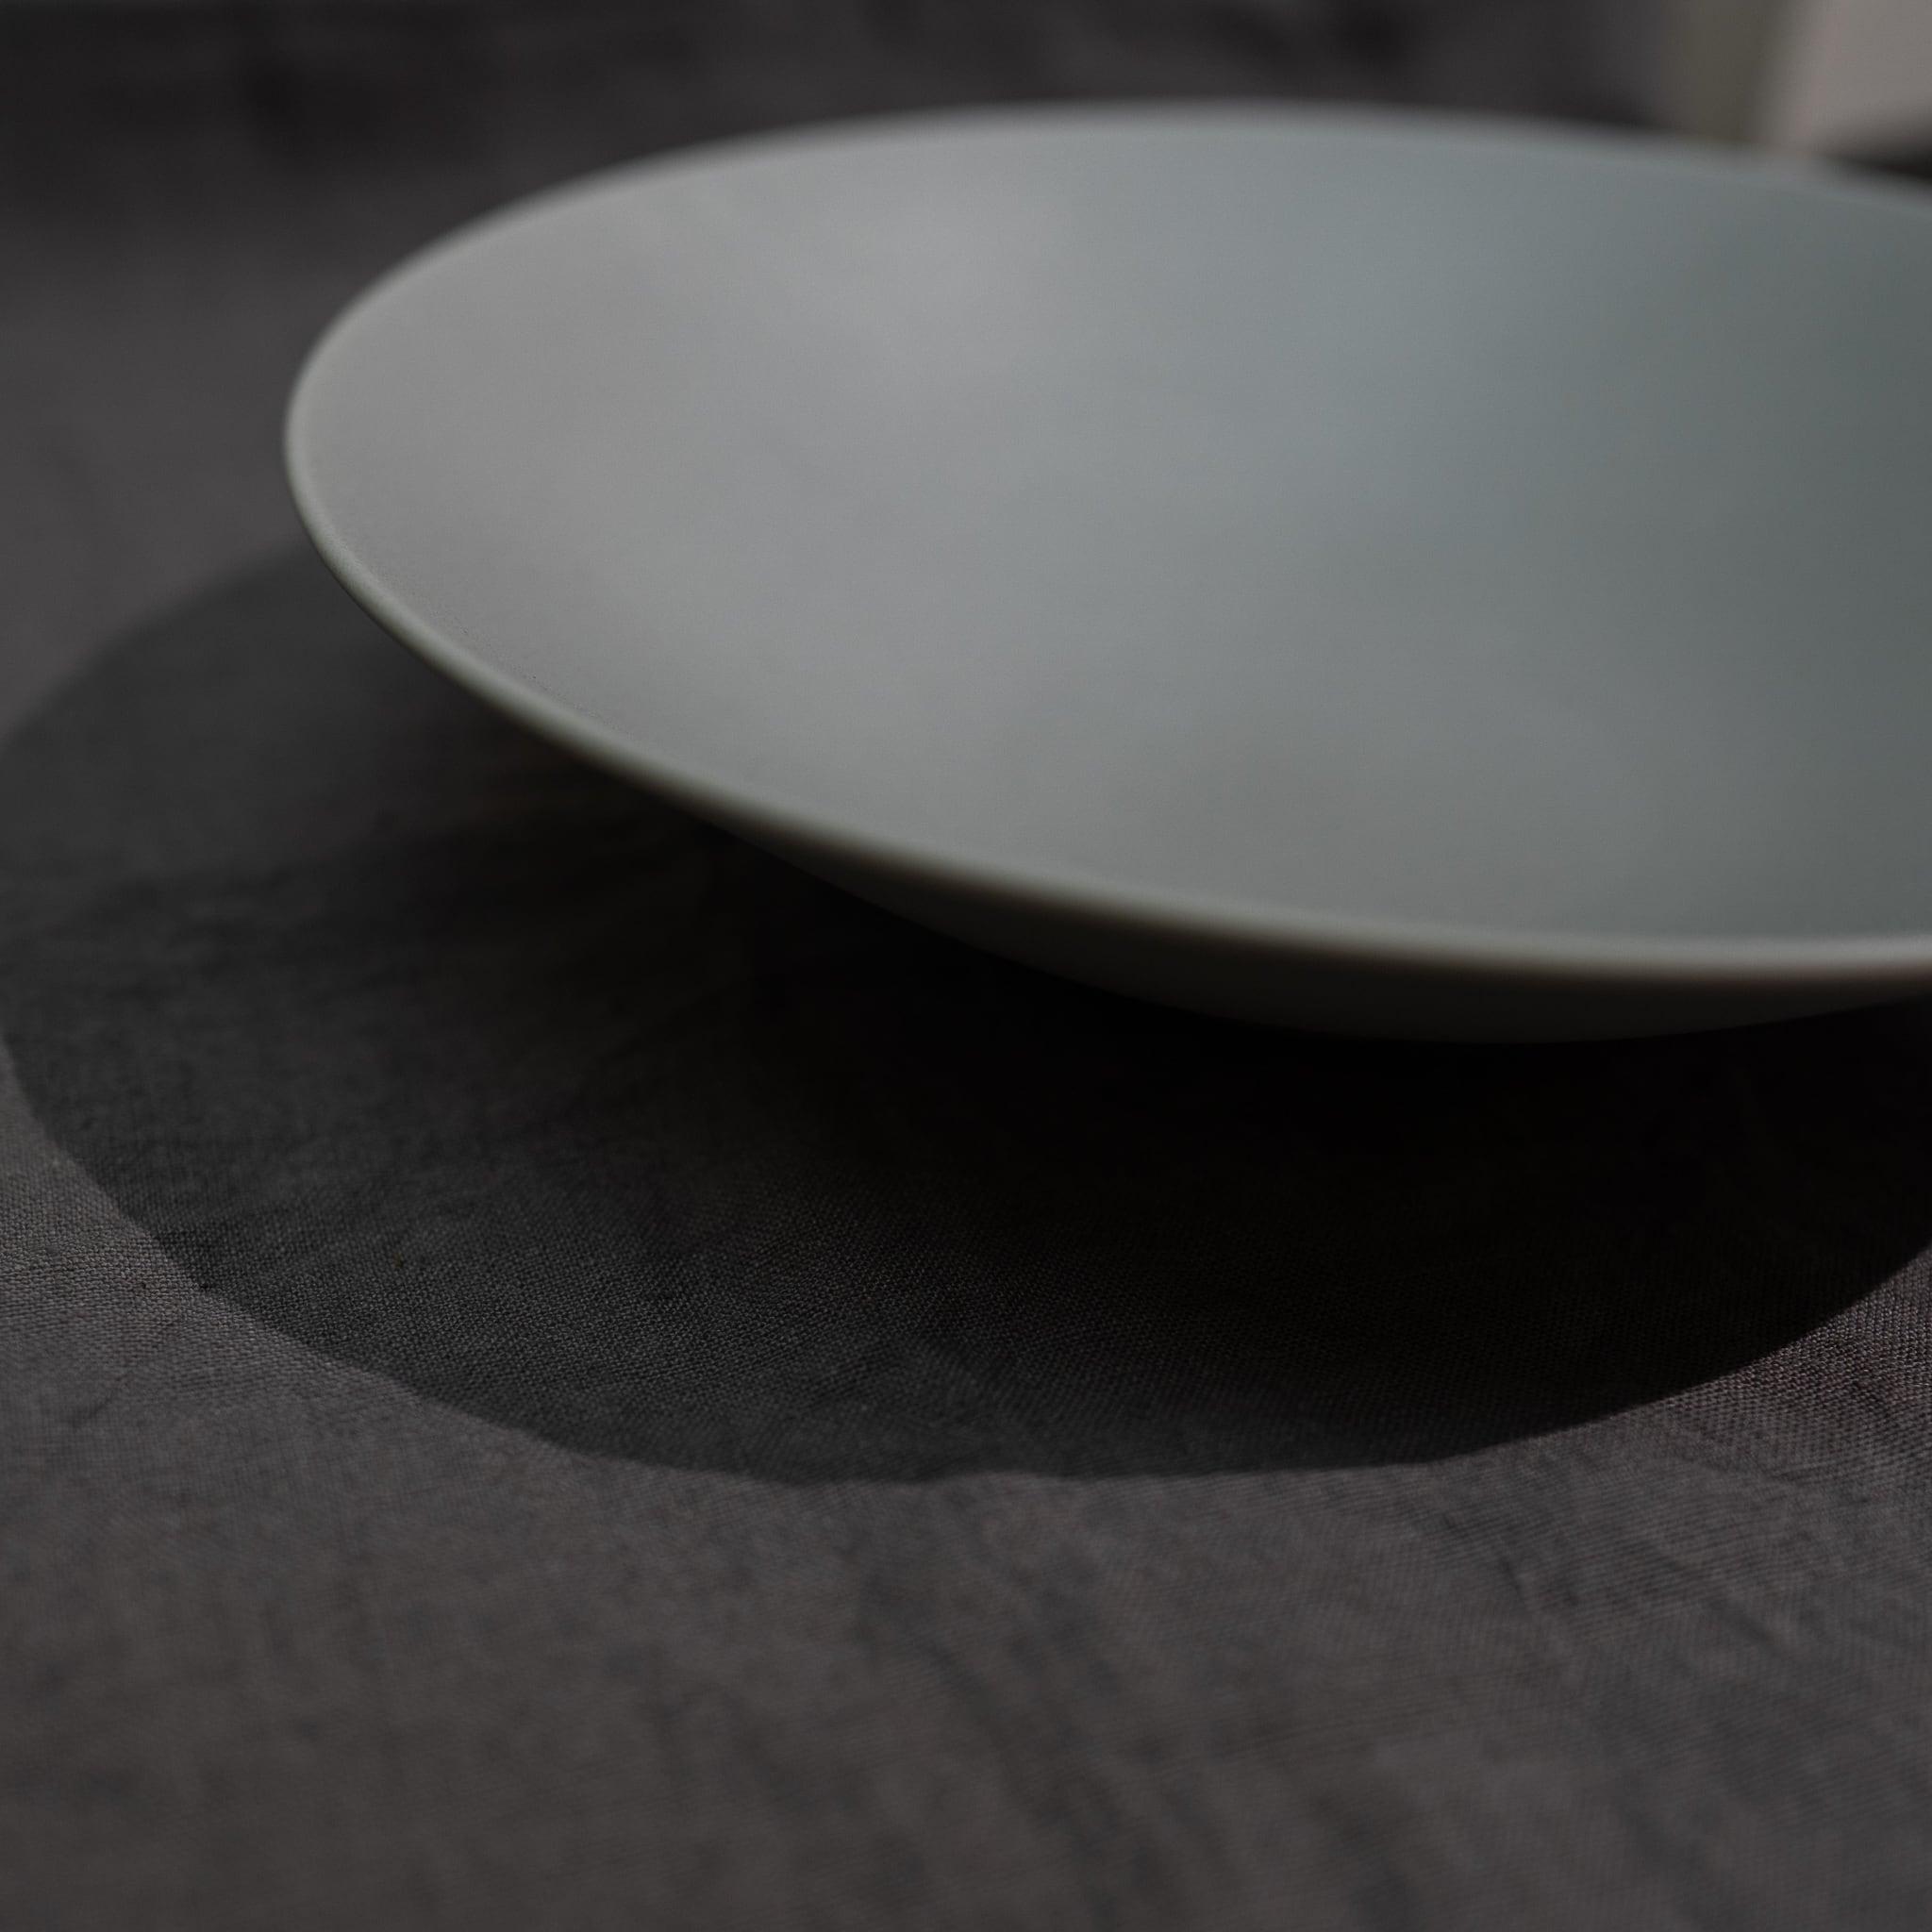 Stoneプレート クープ皿 (リッチグレー) 26㎝